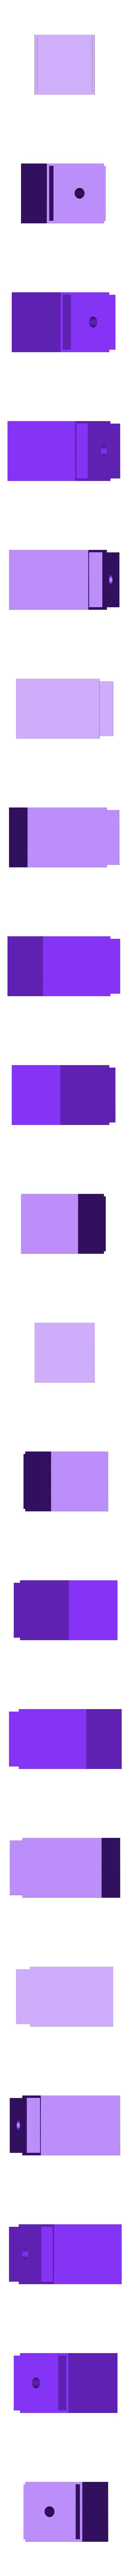 Dremel1.STL Télécharger fichier STL gratuit Pour snap Dremel • Modèle pour imprimante 3D, Cerega